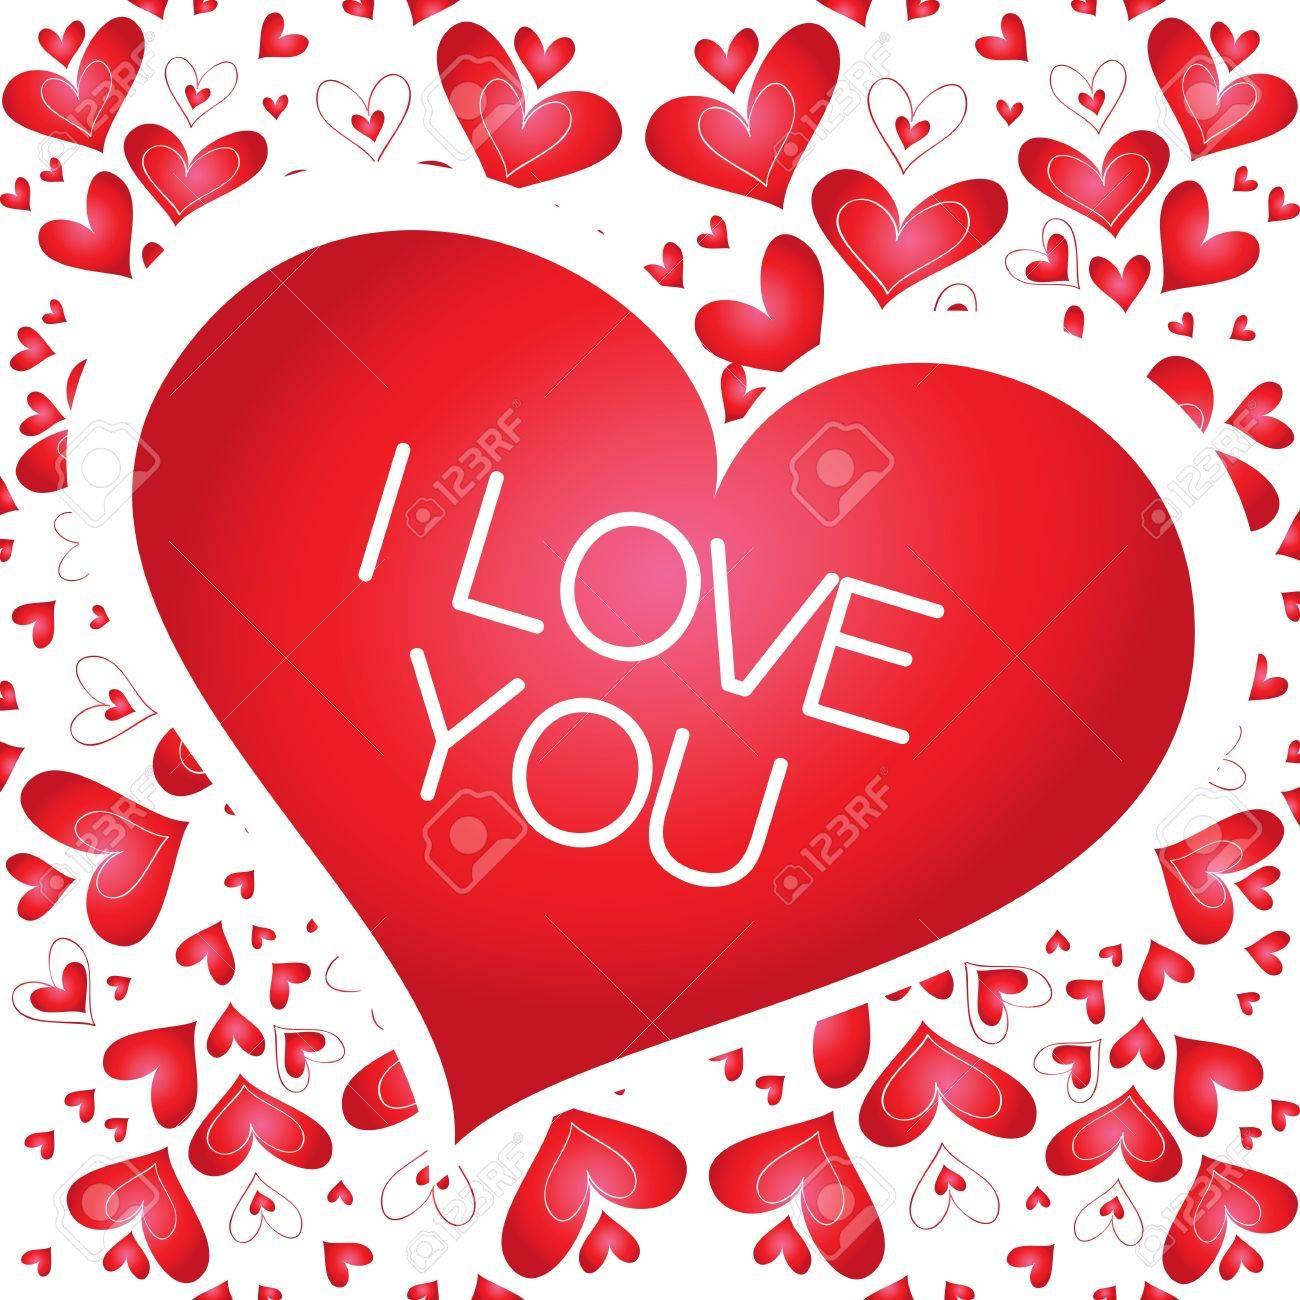 Banniere Vecteur Avec Un Coeur Je T Aime Clip Art Libres De Droits Vecteurs Et Illustration Image 17167741